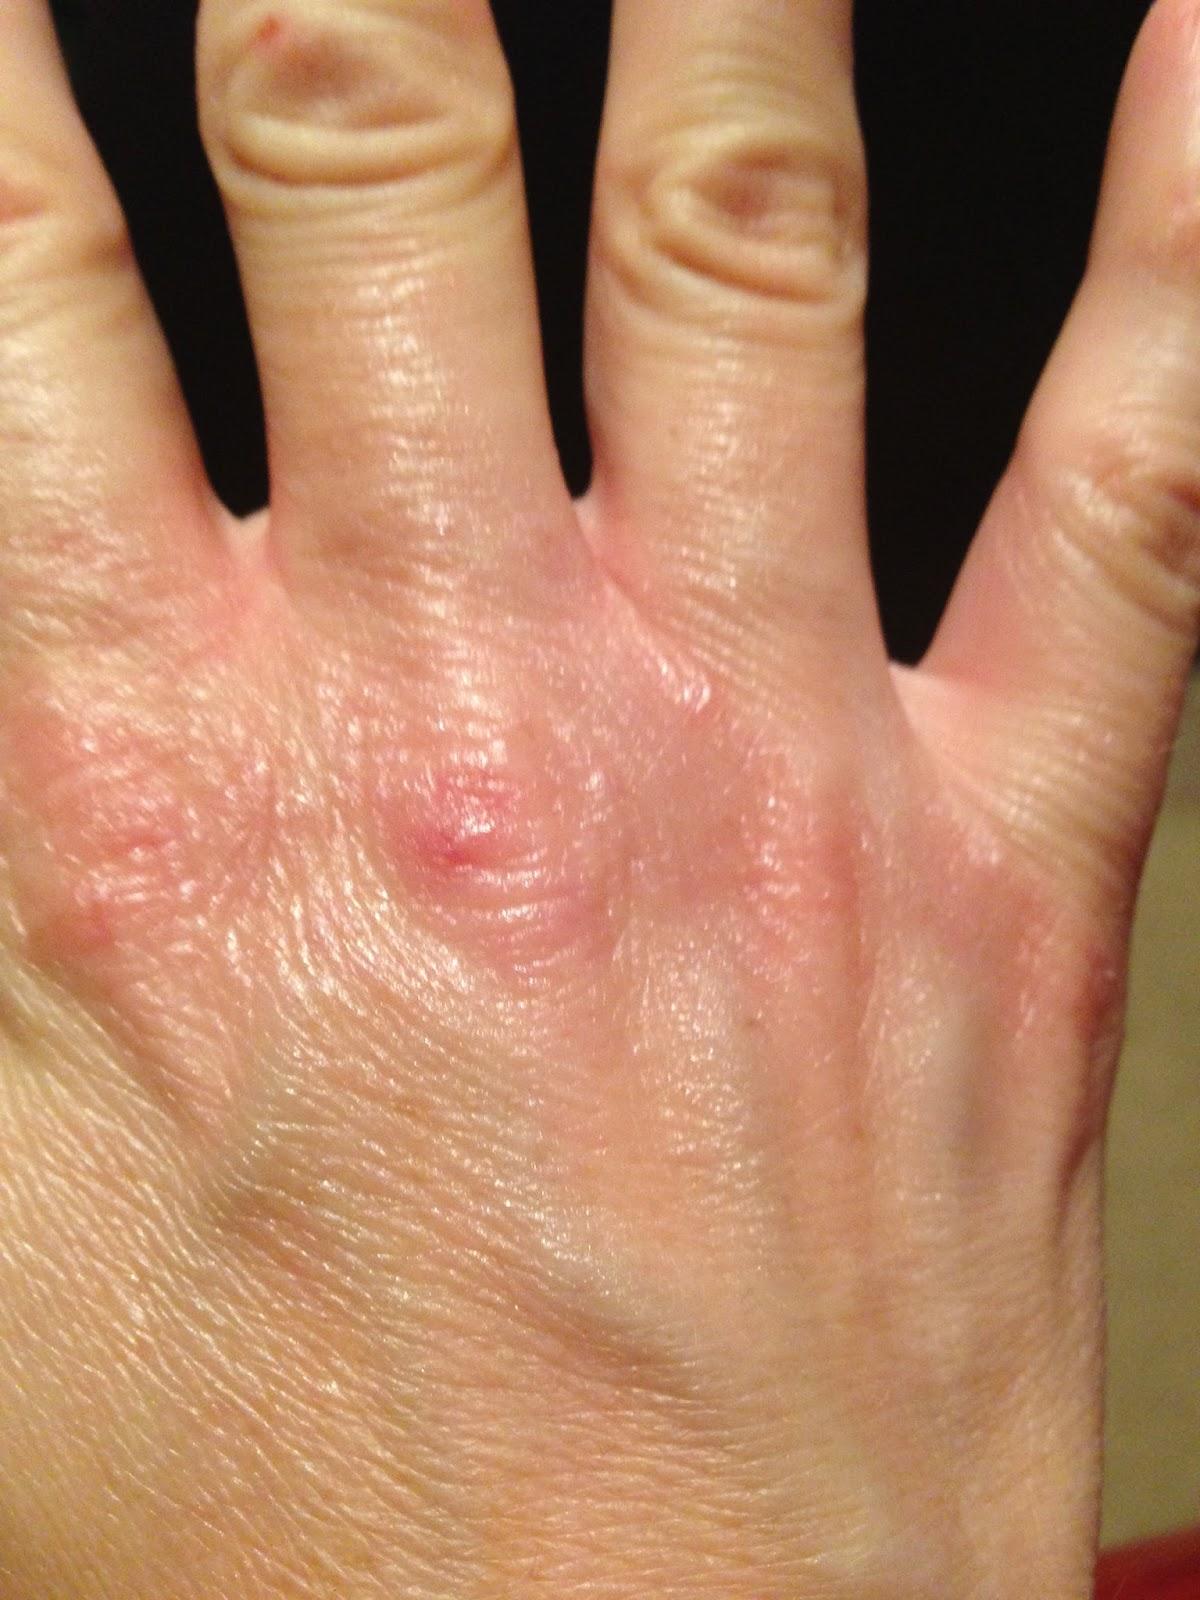 dry wrinkled skin on hands